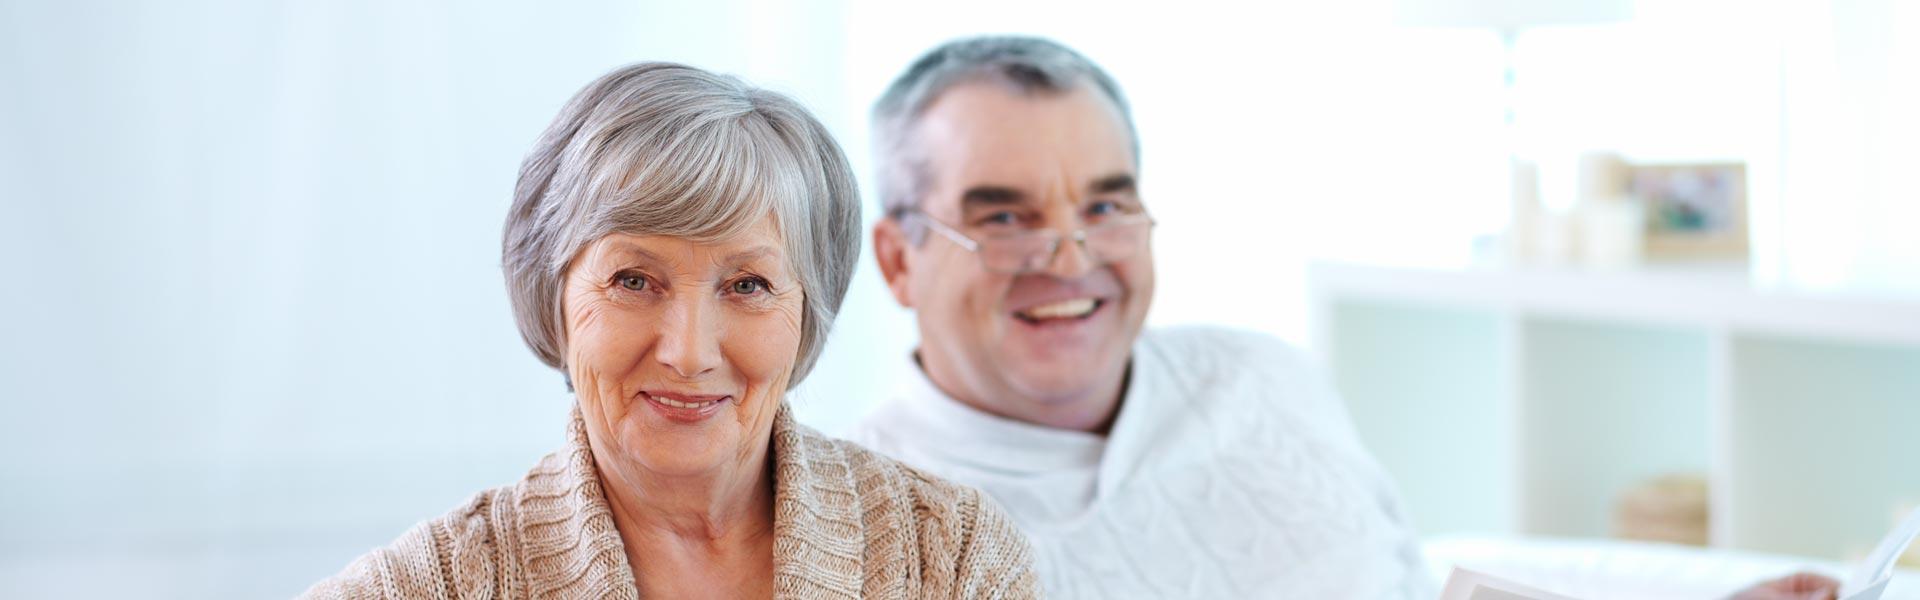 Frisur für Senioren